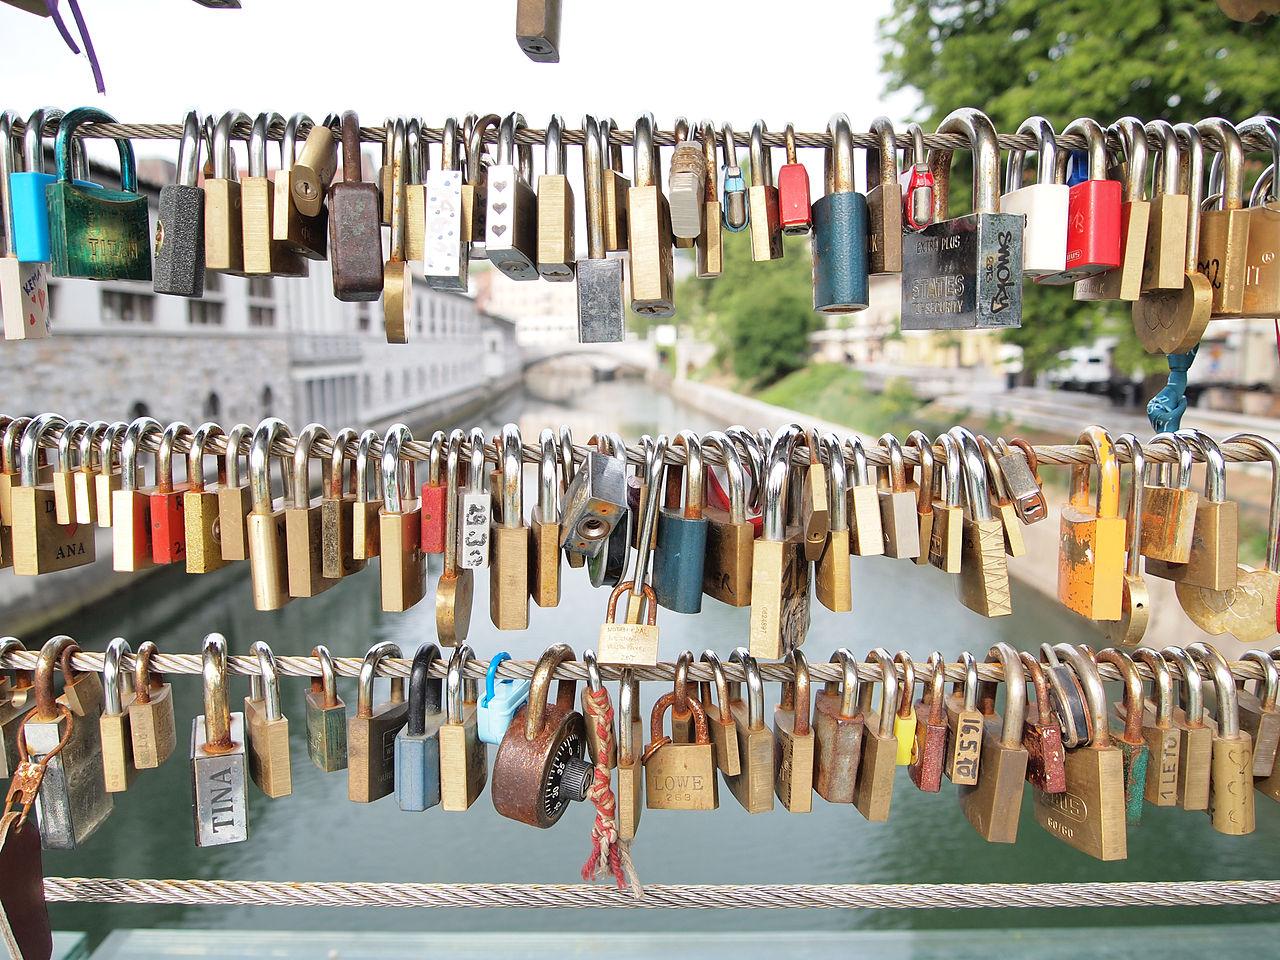 """""""올해도 다시 한 번 약속과 실천을 기원합니다. 자물쇠만큼 약속과 실천을 잘 설명하는 것은 없을 것입니다. 슬로베니아 류블랴나(Ljubljana) 도살자 다리(Butchers' Bridge)에 있는 사랑의 자물쇠 사진을 올립니다."""""""